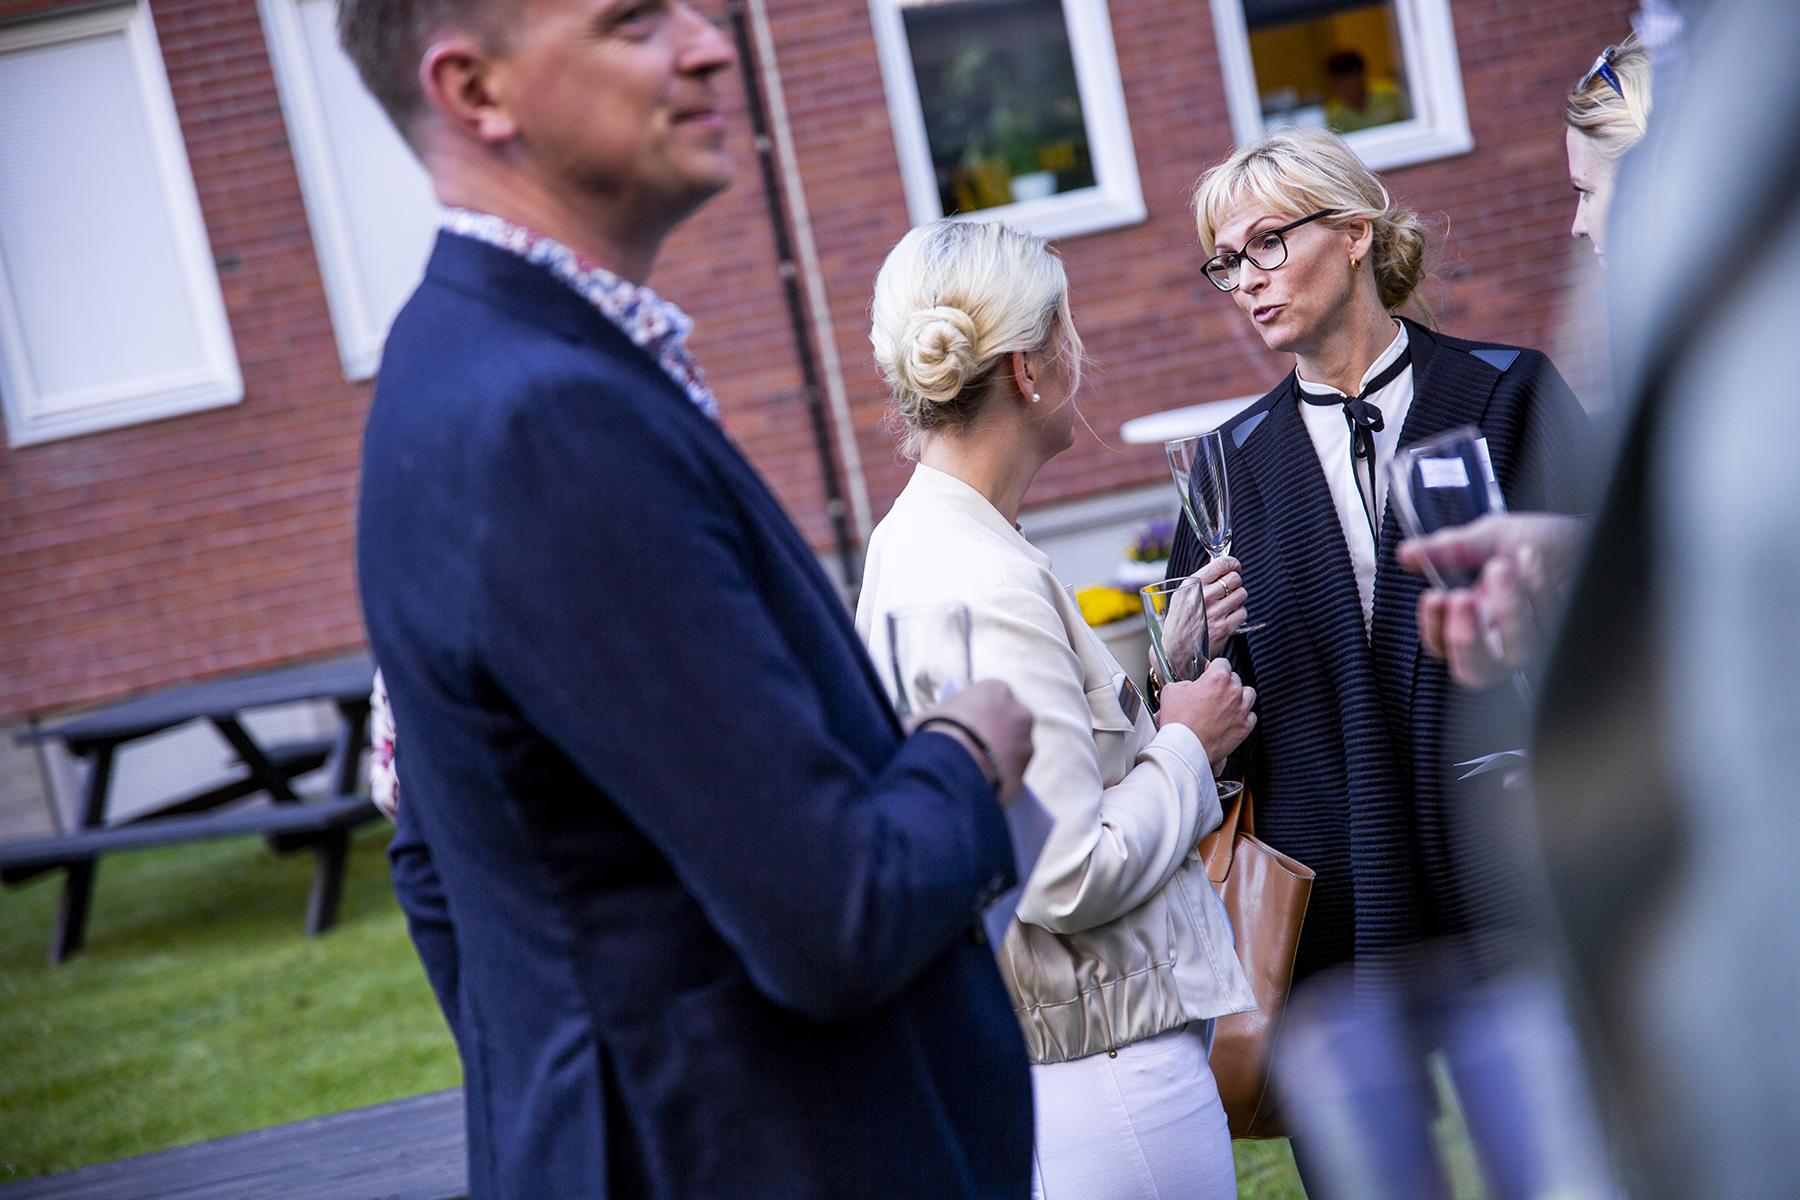 en man i förgrunden framför två blonda kvinnor som står utomhus och pratar